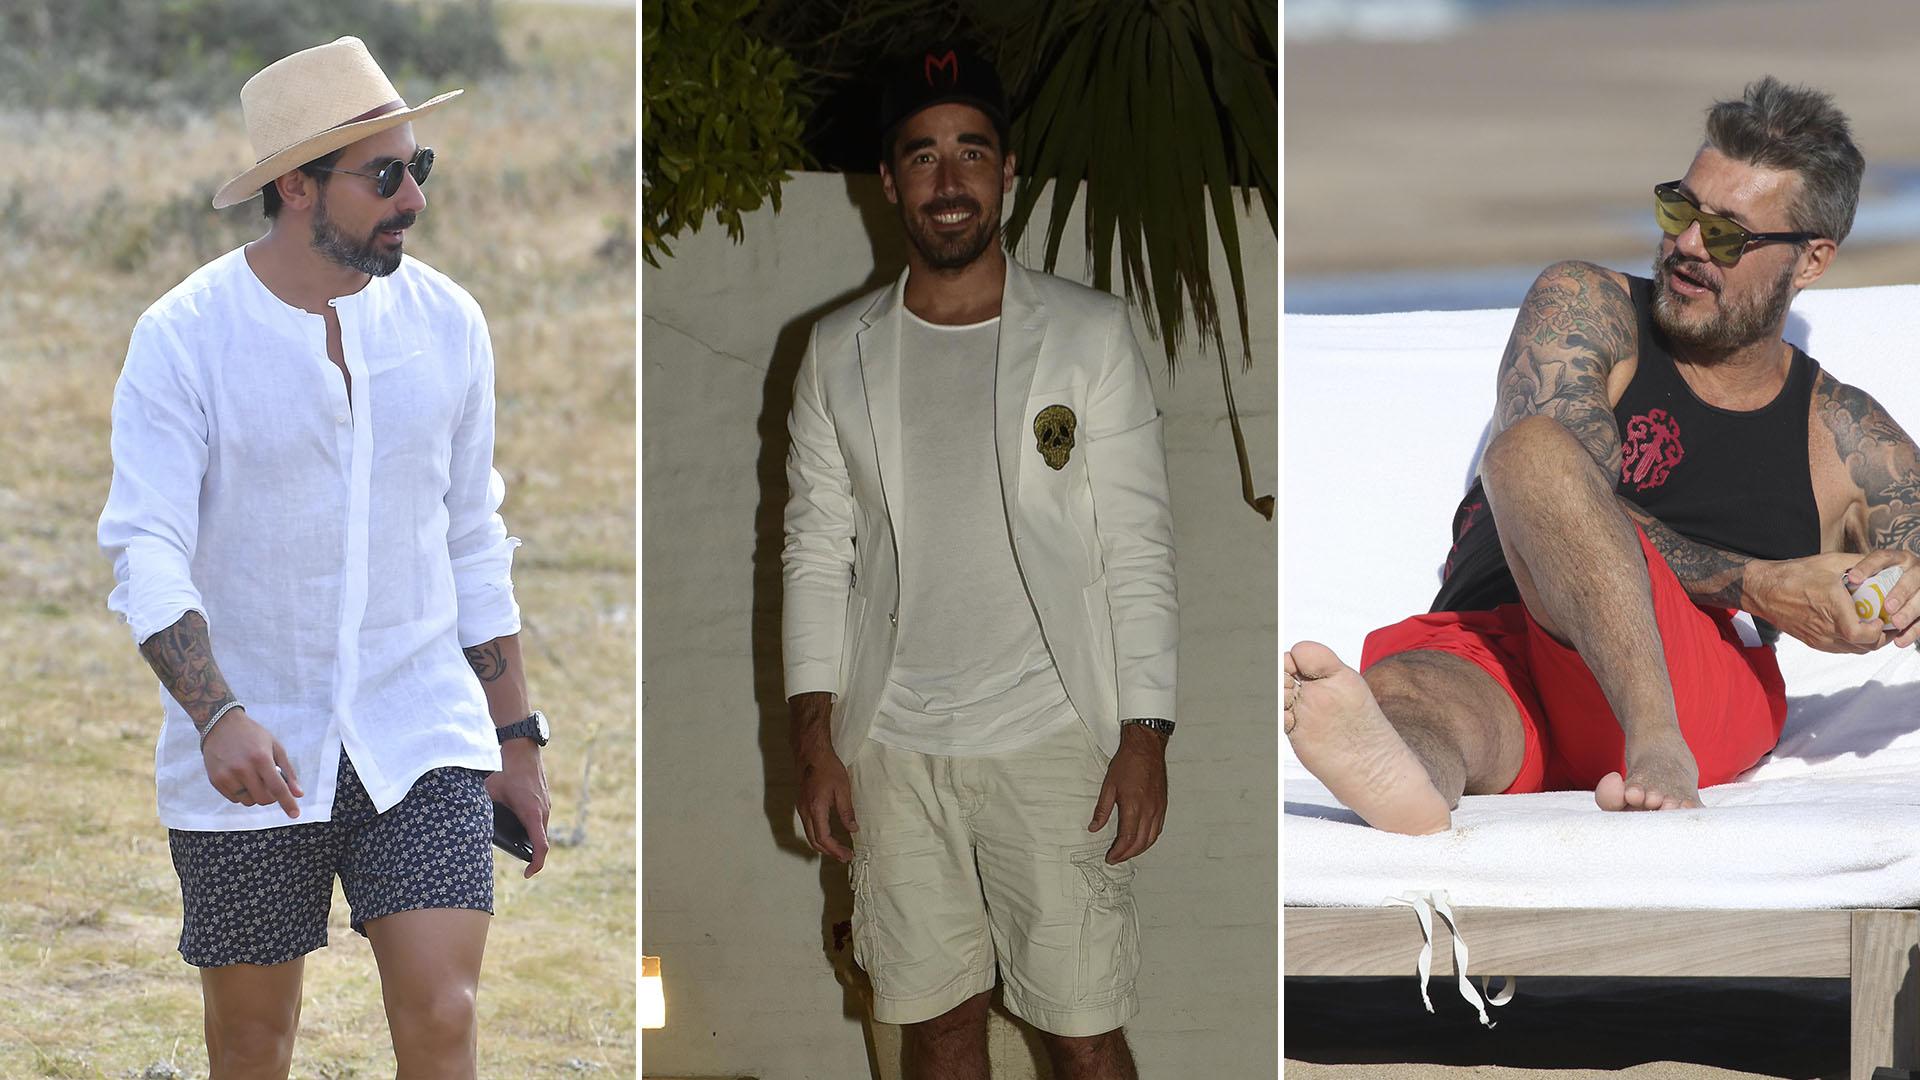 46b3bfb86 Ellos también marcan tendencia  los looks masculinos de playa más trendy de  este verano 2018 - Infobae